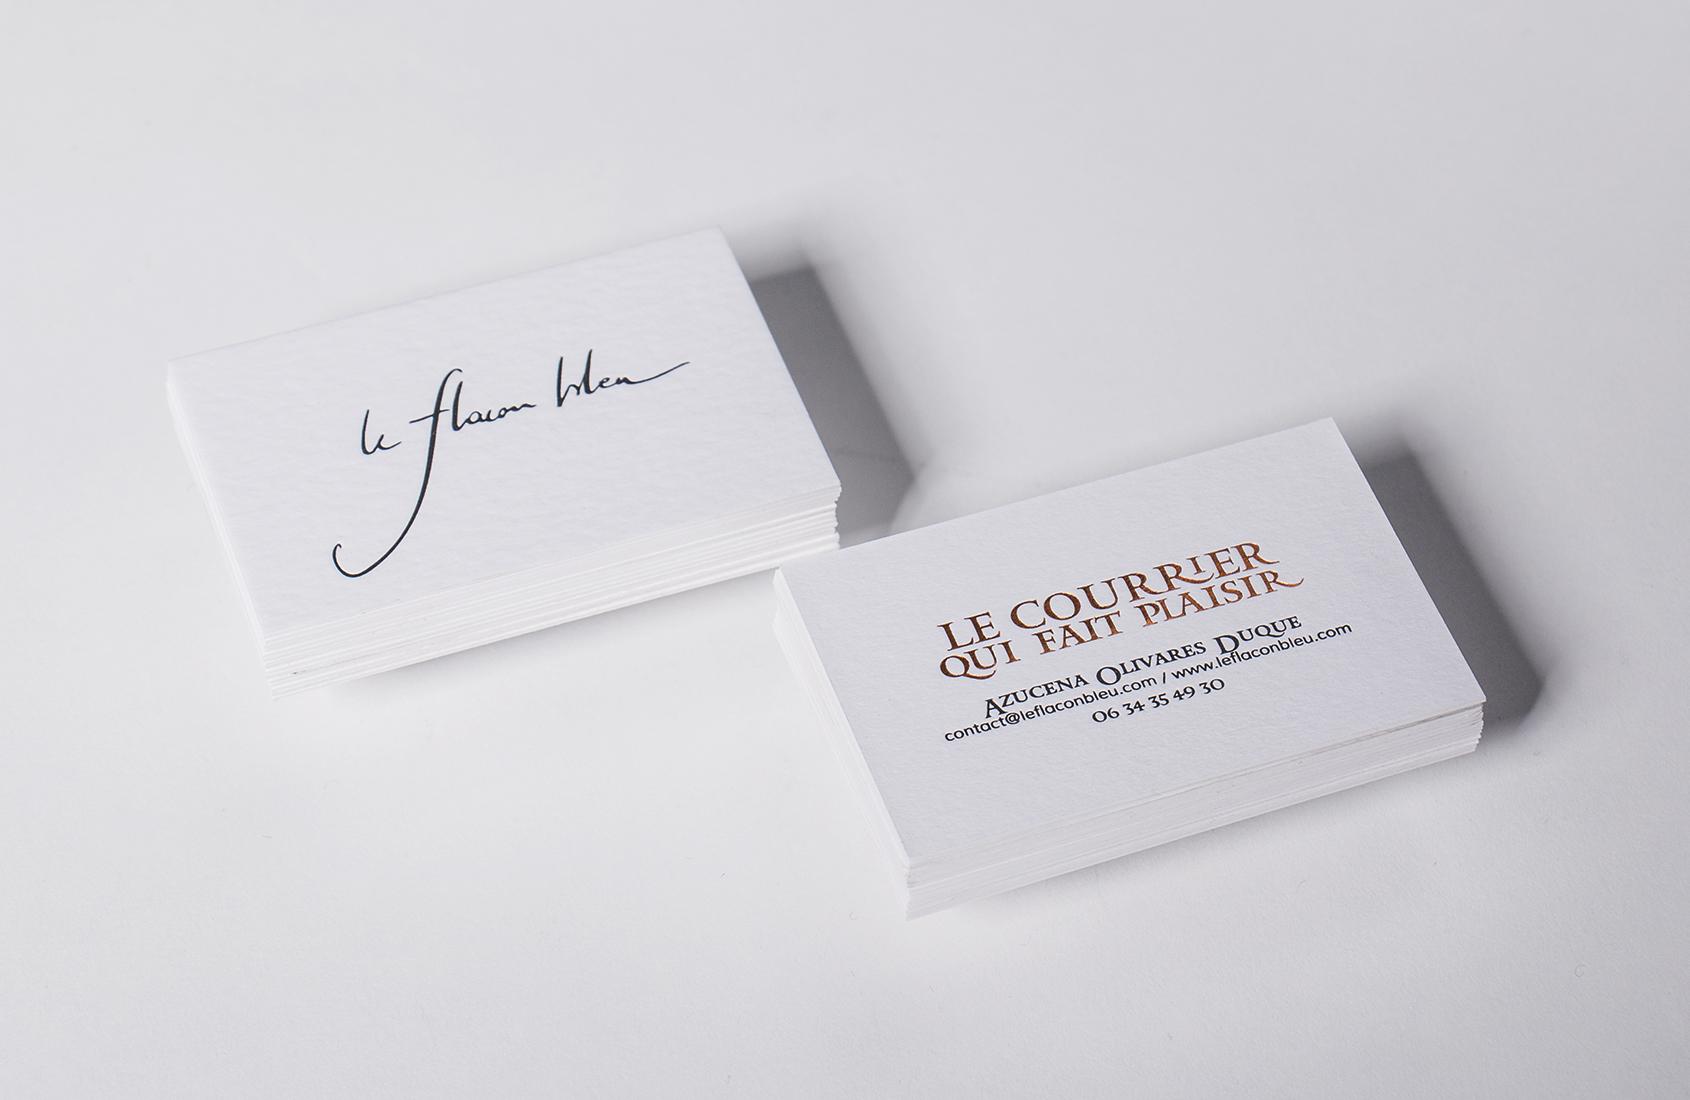 Cartes de visites letterpress réalisées pour la papeterie Le Flacon Bleu.